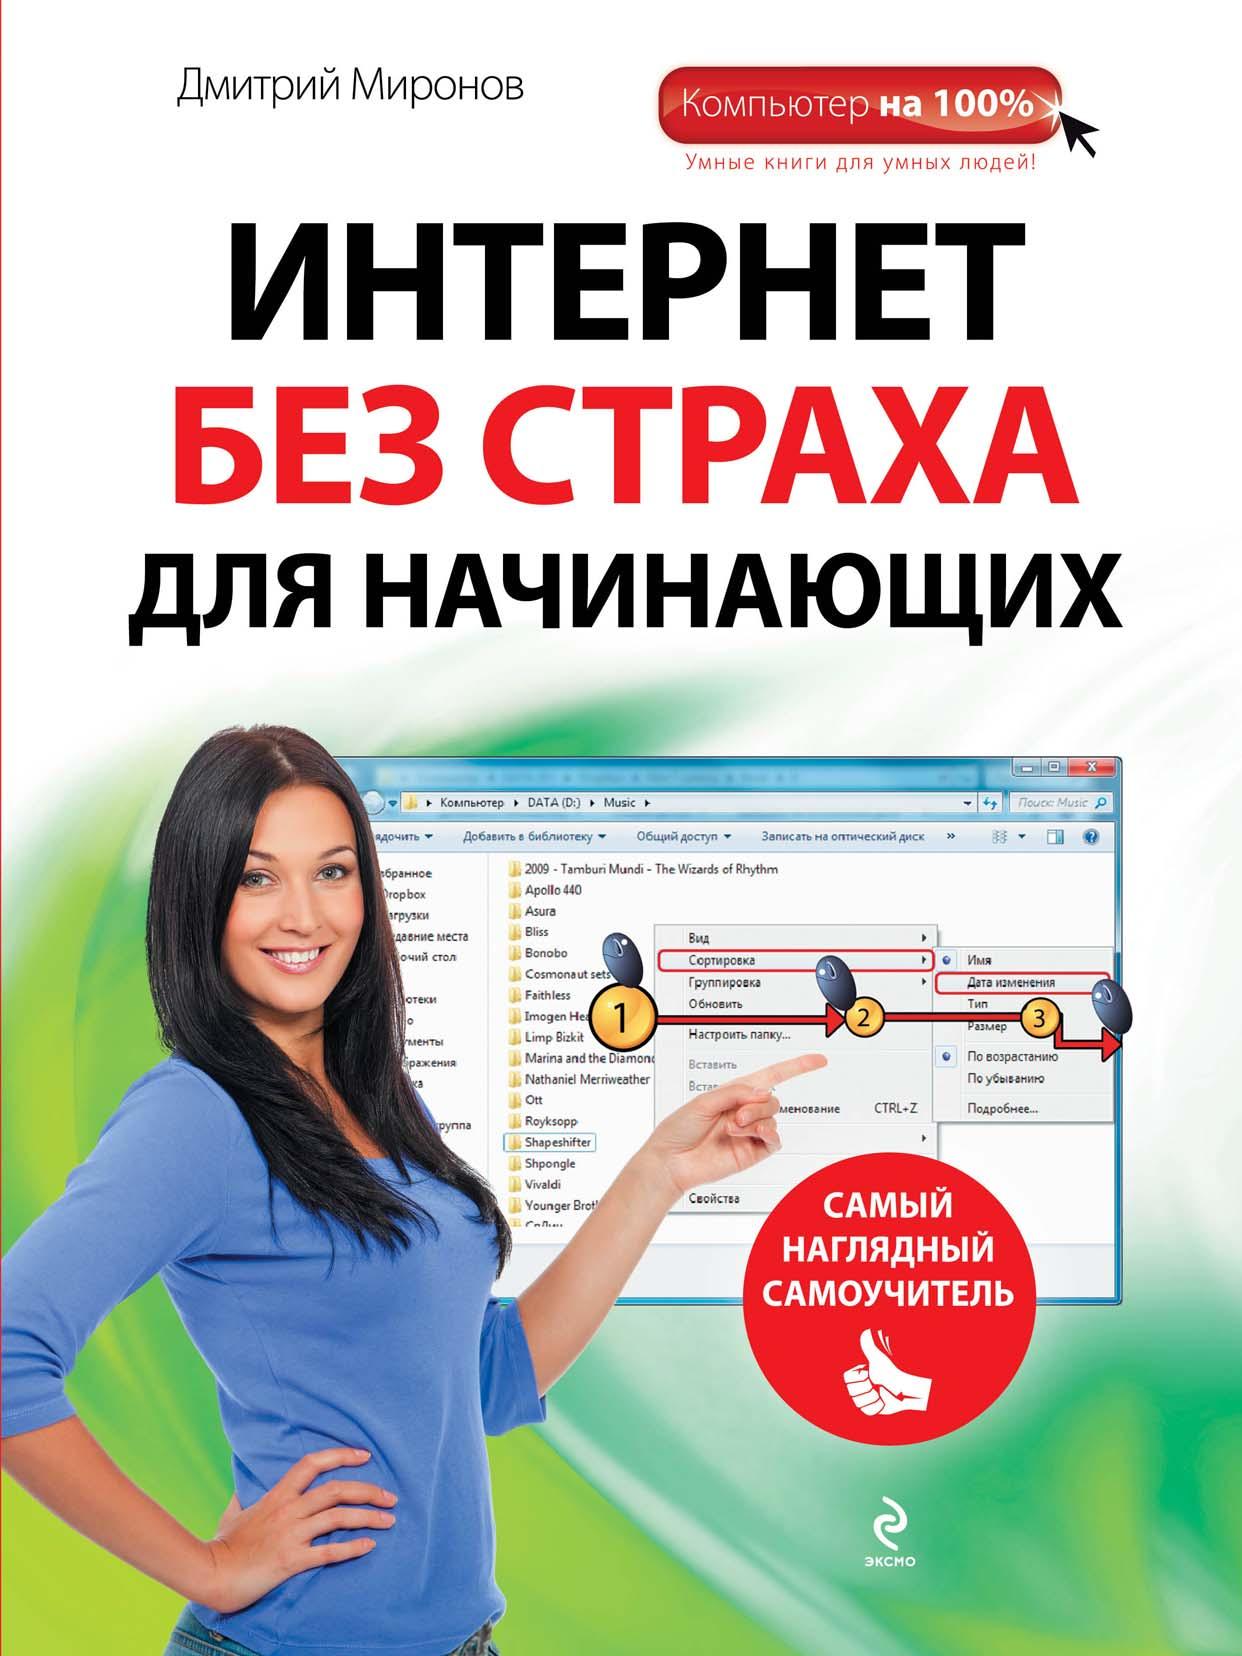 Дмитрий Миронов Интернет без страха для начинающих. Самый наглядный самоучитель дмитрий миронов интернет без страха для начинающих самый наглядный самоучитель 2 е издание